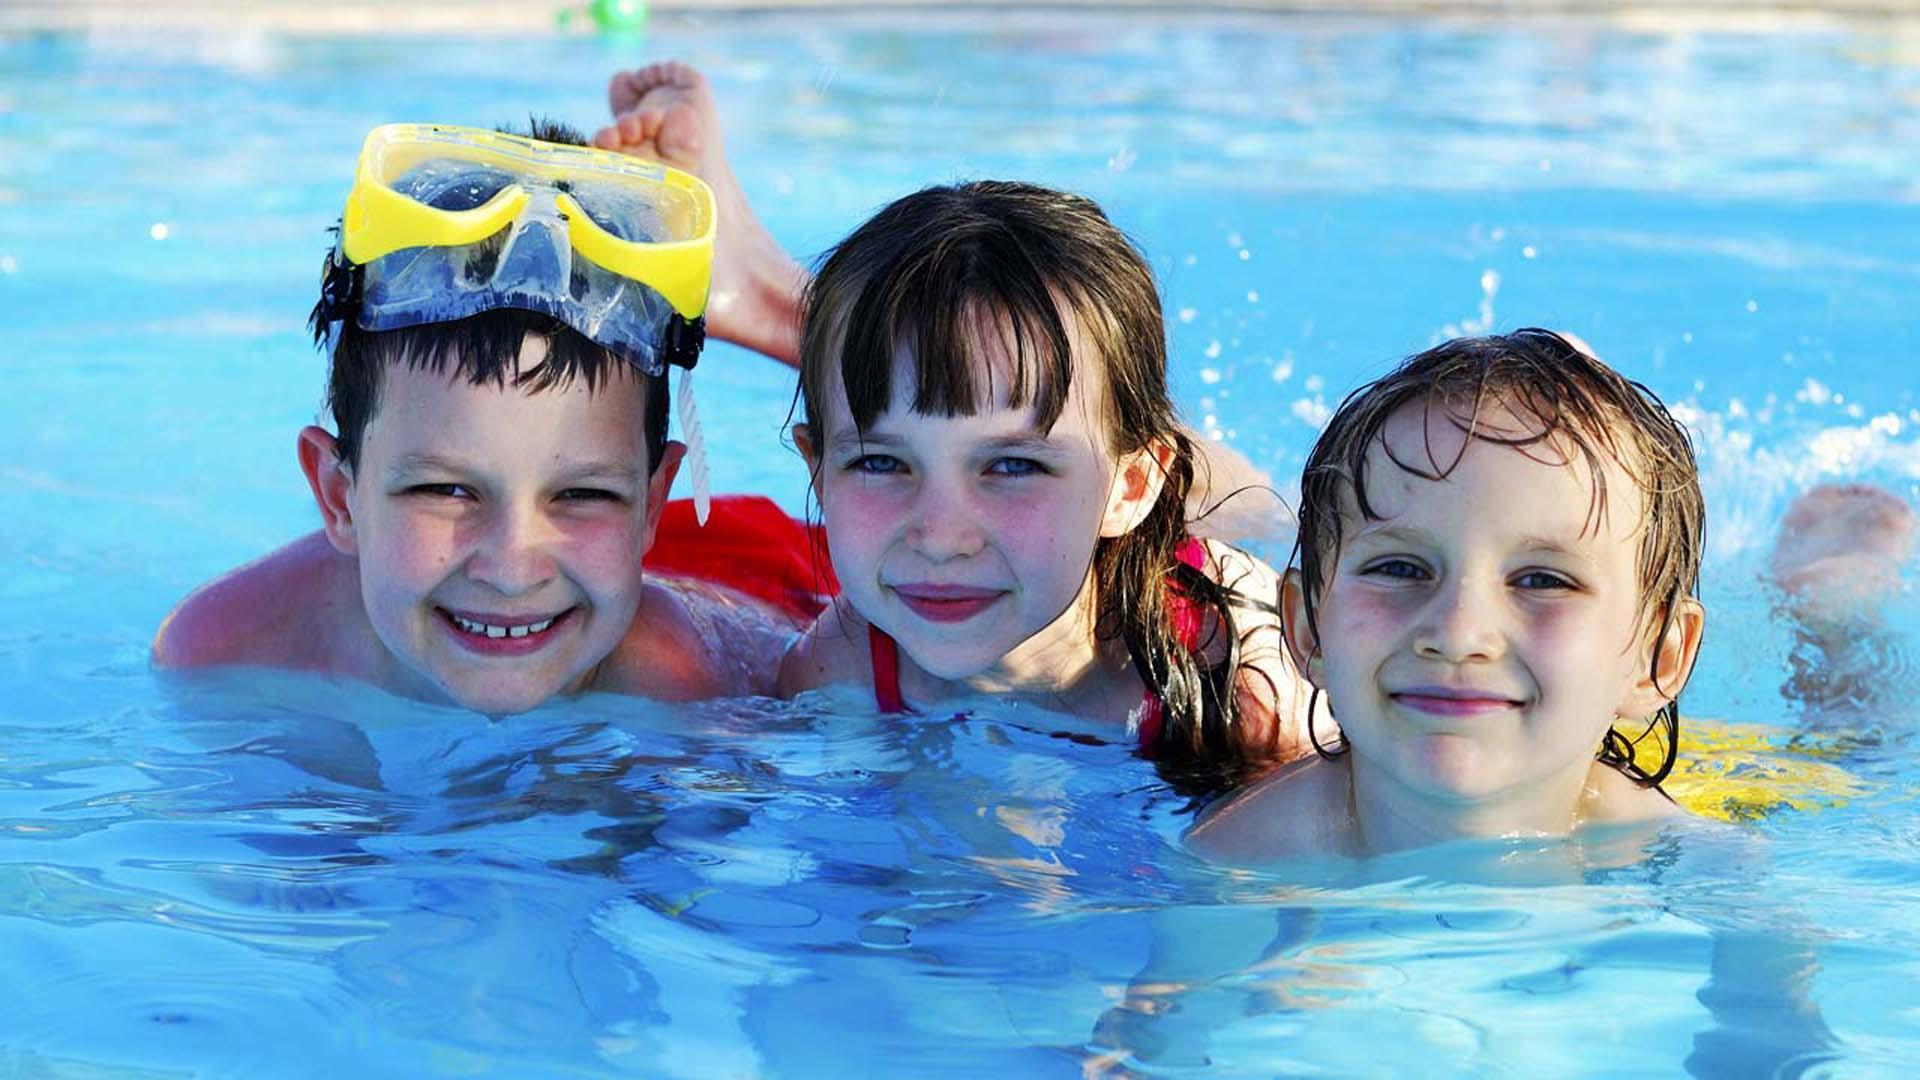 Los accidentes por inmersión o ahogamientos son comunes en playas y piscinas, evitarlos depende de ti